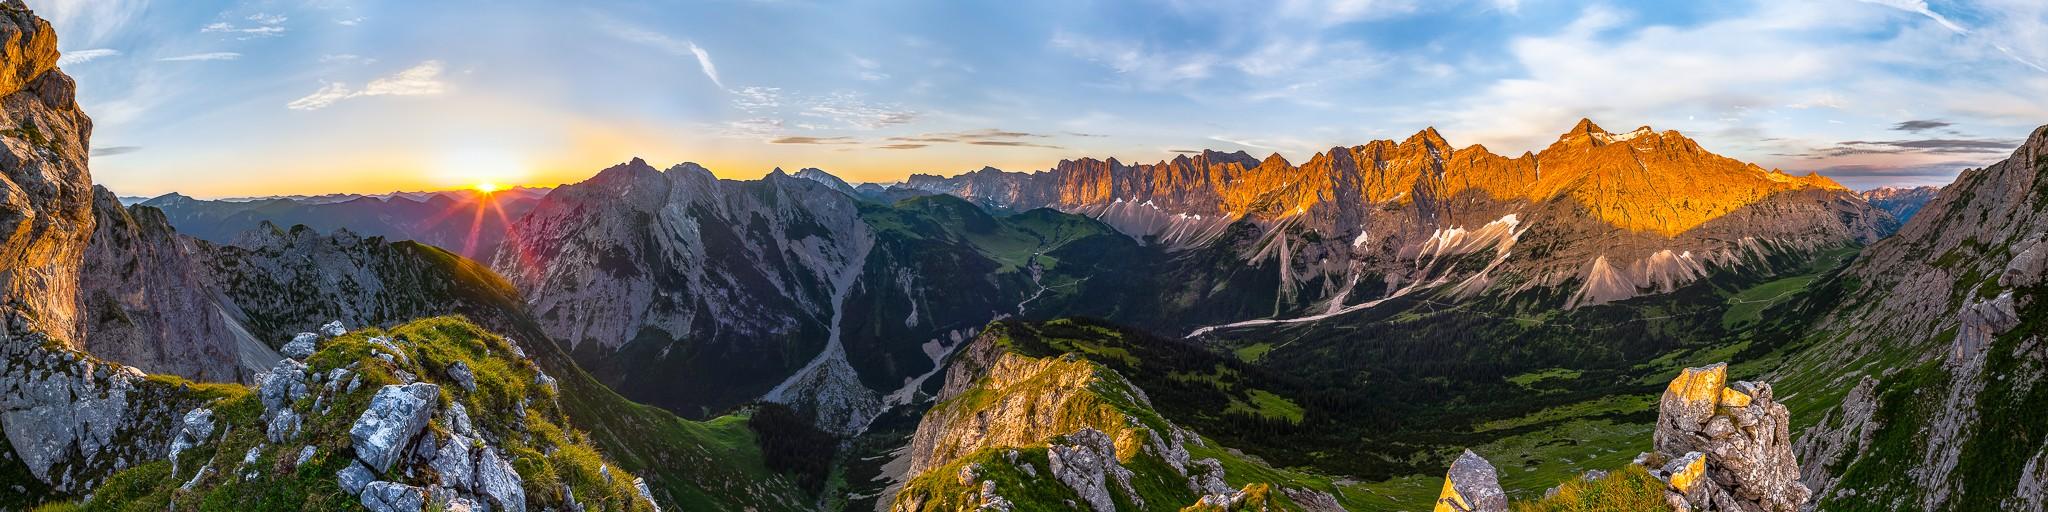 Sonnenaufgang im Karwendel, gegenüber liegt die Falkenhütte. Der Karwendelhauptkamm wird von der Morgensonne angestrahlt.